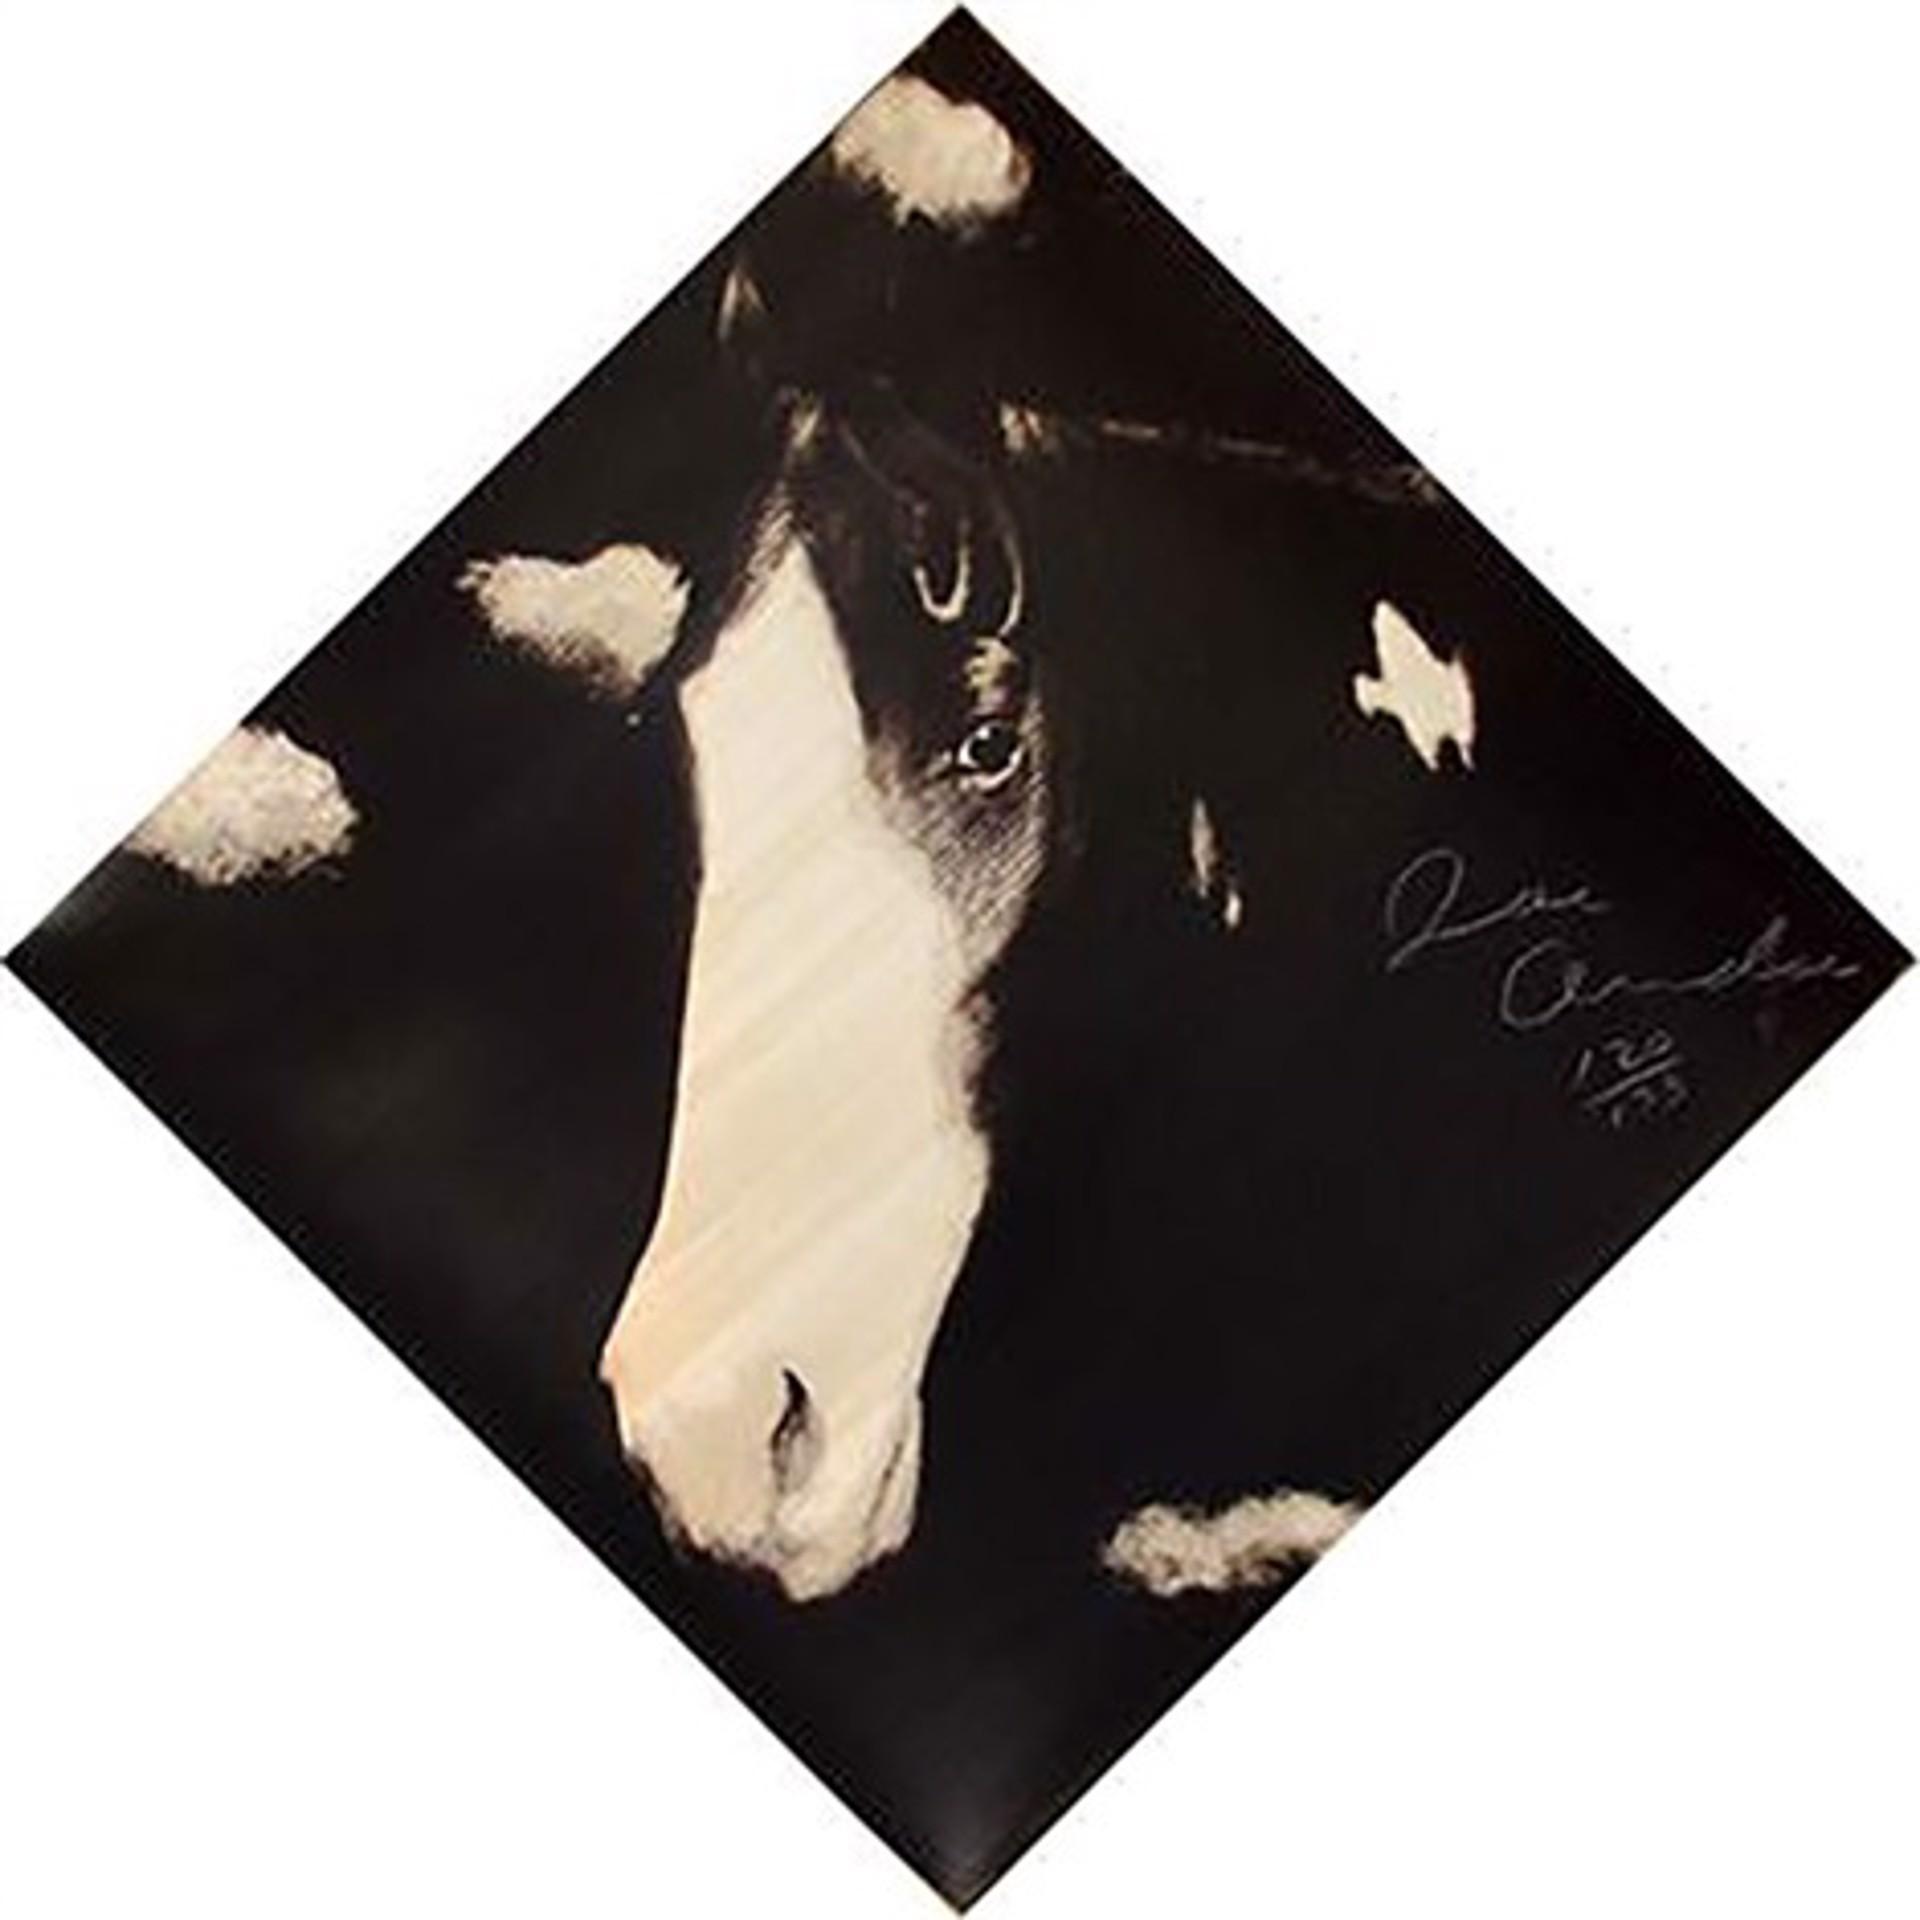 Two Horses, 1  by Joe Andoe